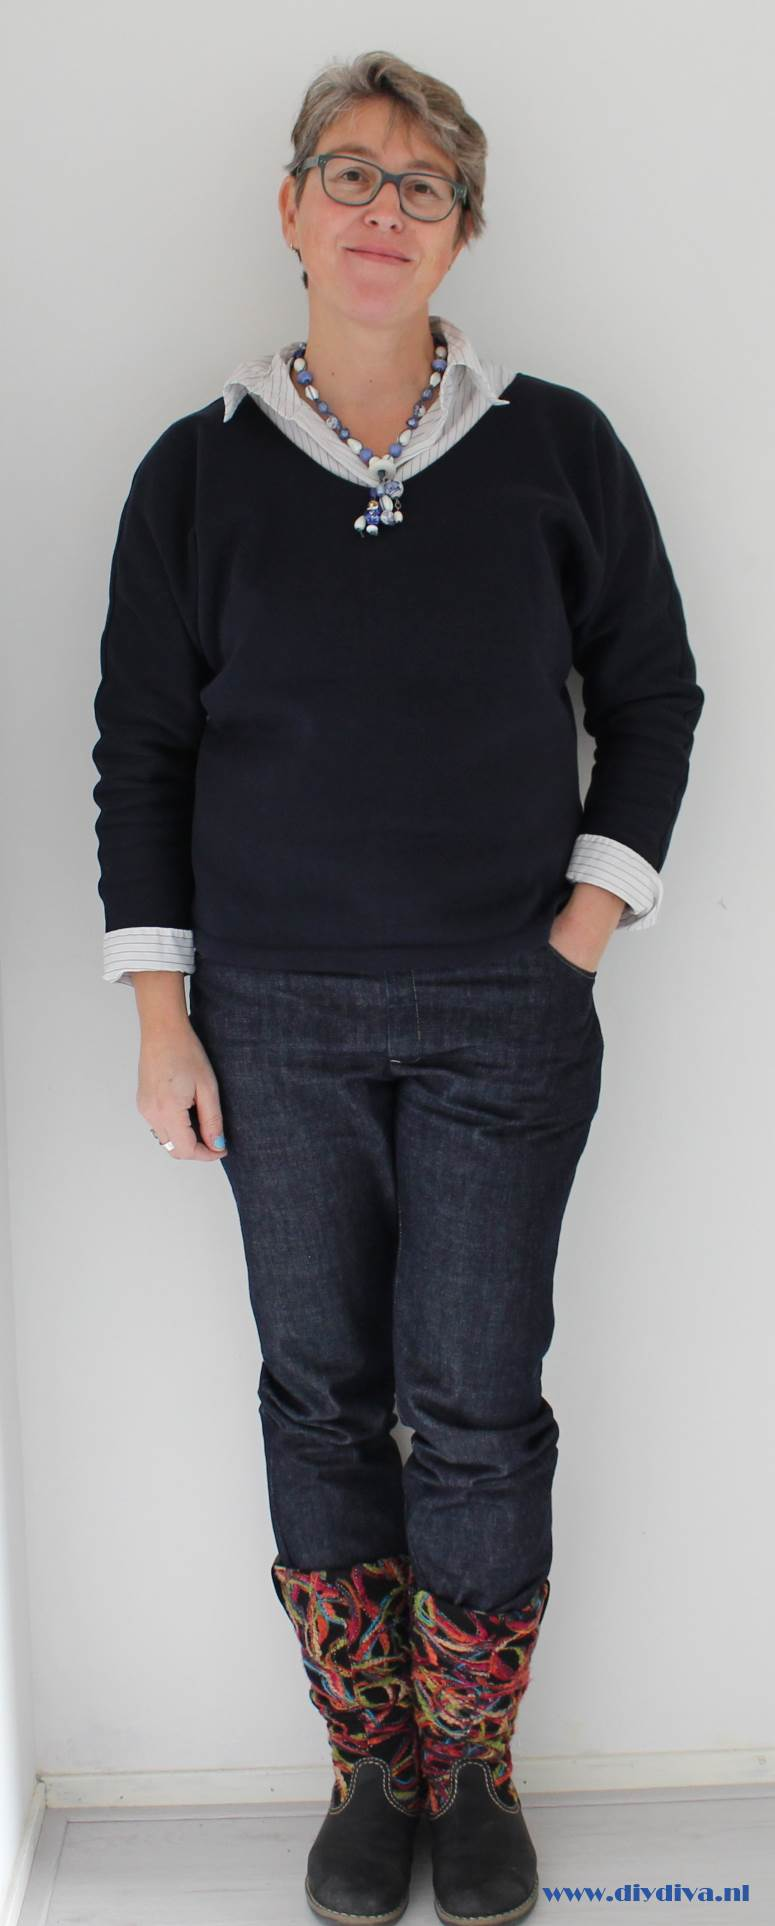 zelfgemaakte spijkerbroek diydiva